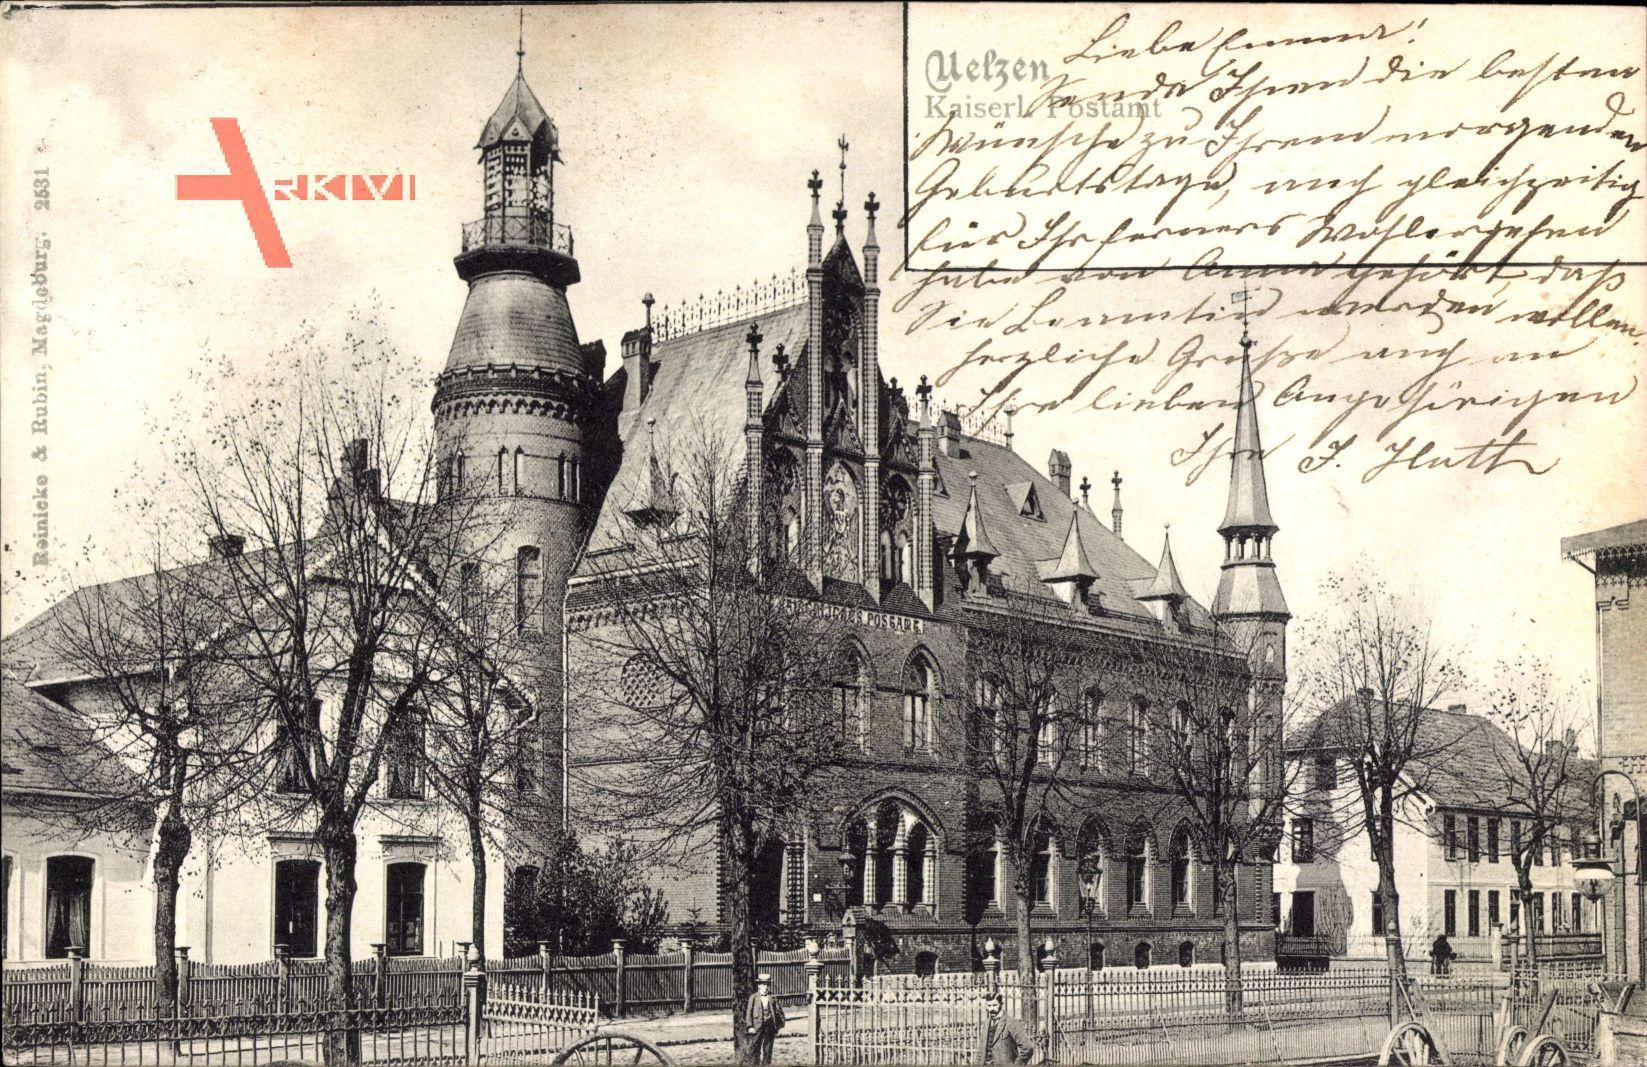 Uelzen in Niedersachsen, Blick auf das Kaiserliche Postamt